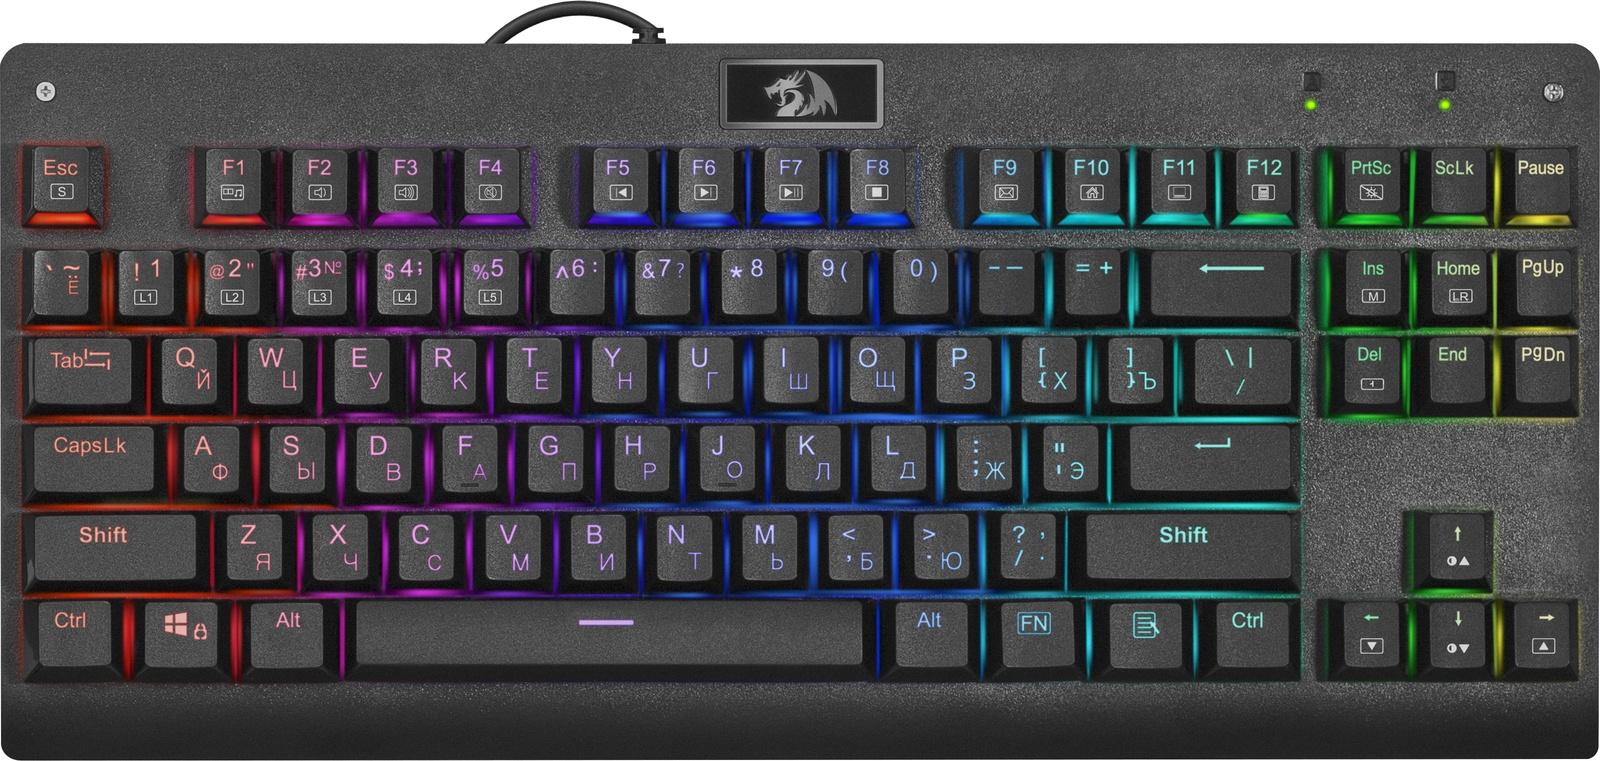 Механическая клавиатура Redragon Dark Avenger RU,RGB подсветка,компактная